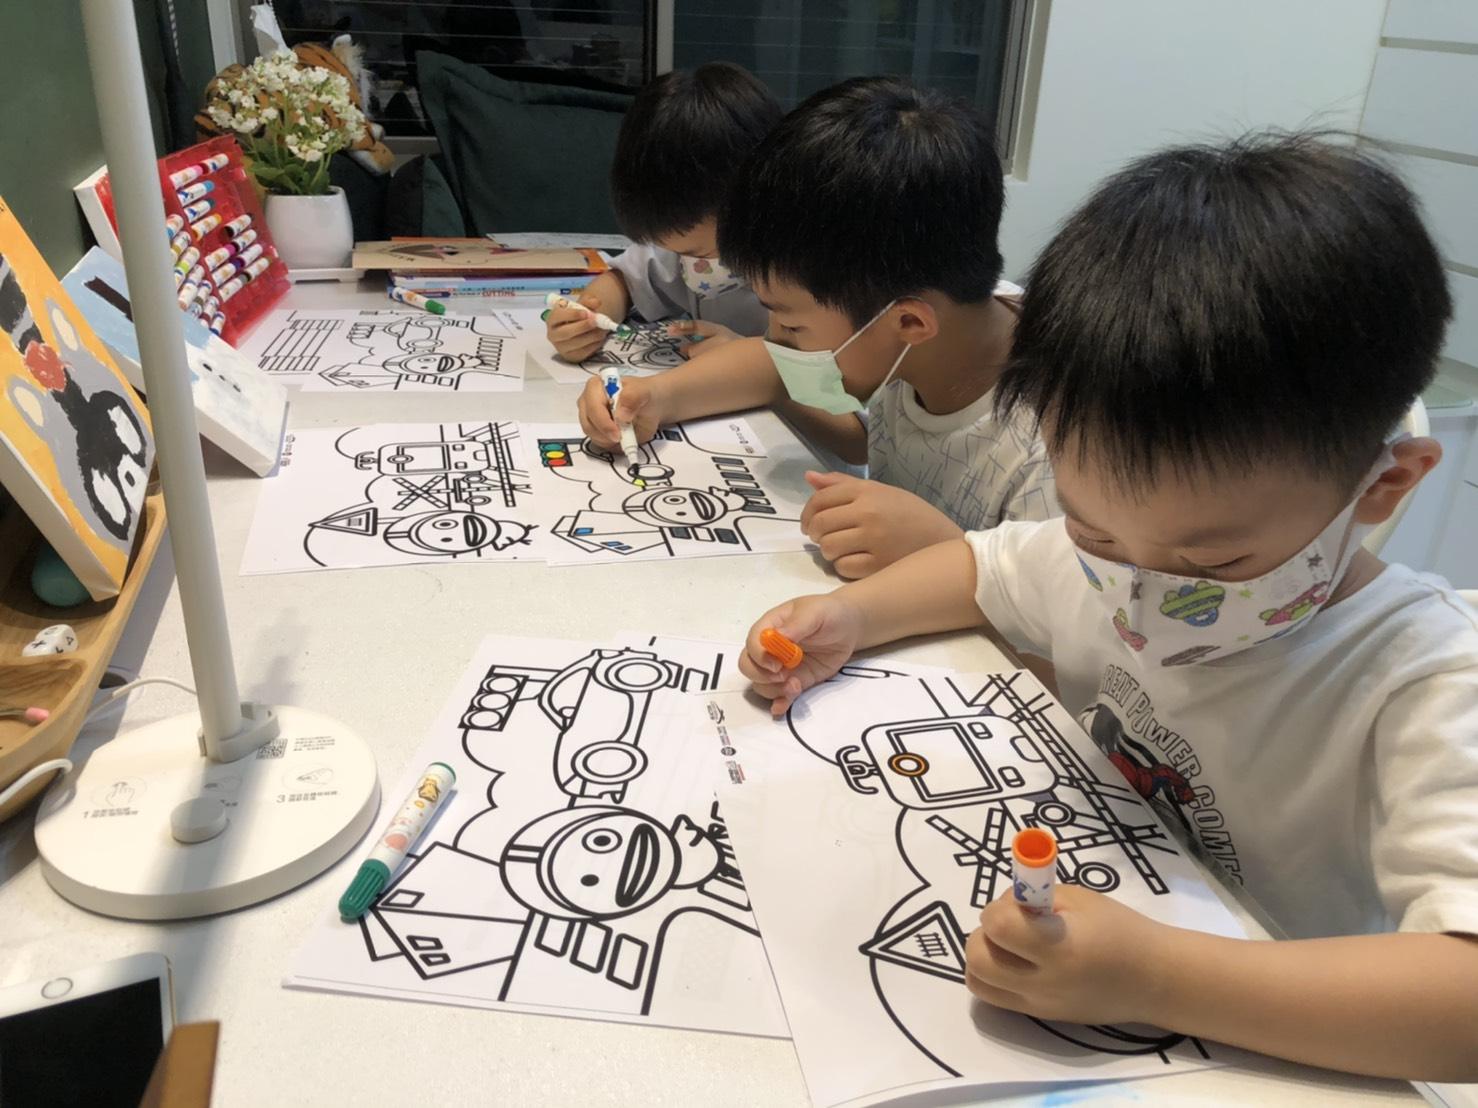 小朋友認真在中華車會道安著色圖上作畫,培養耐心與創造力.jpg